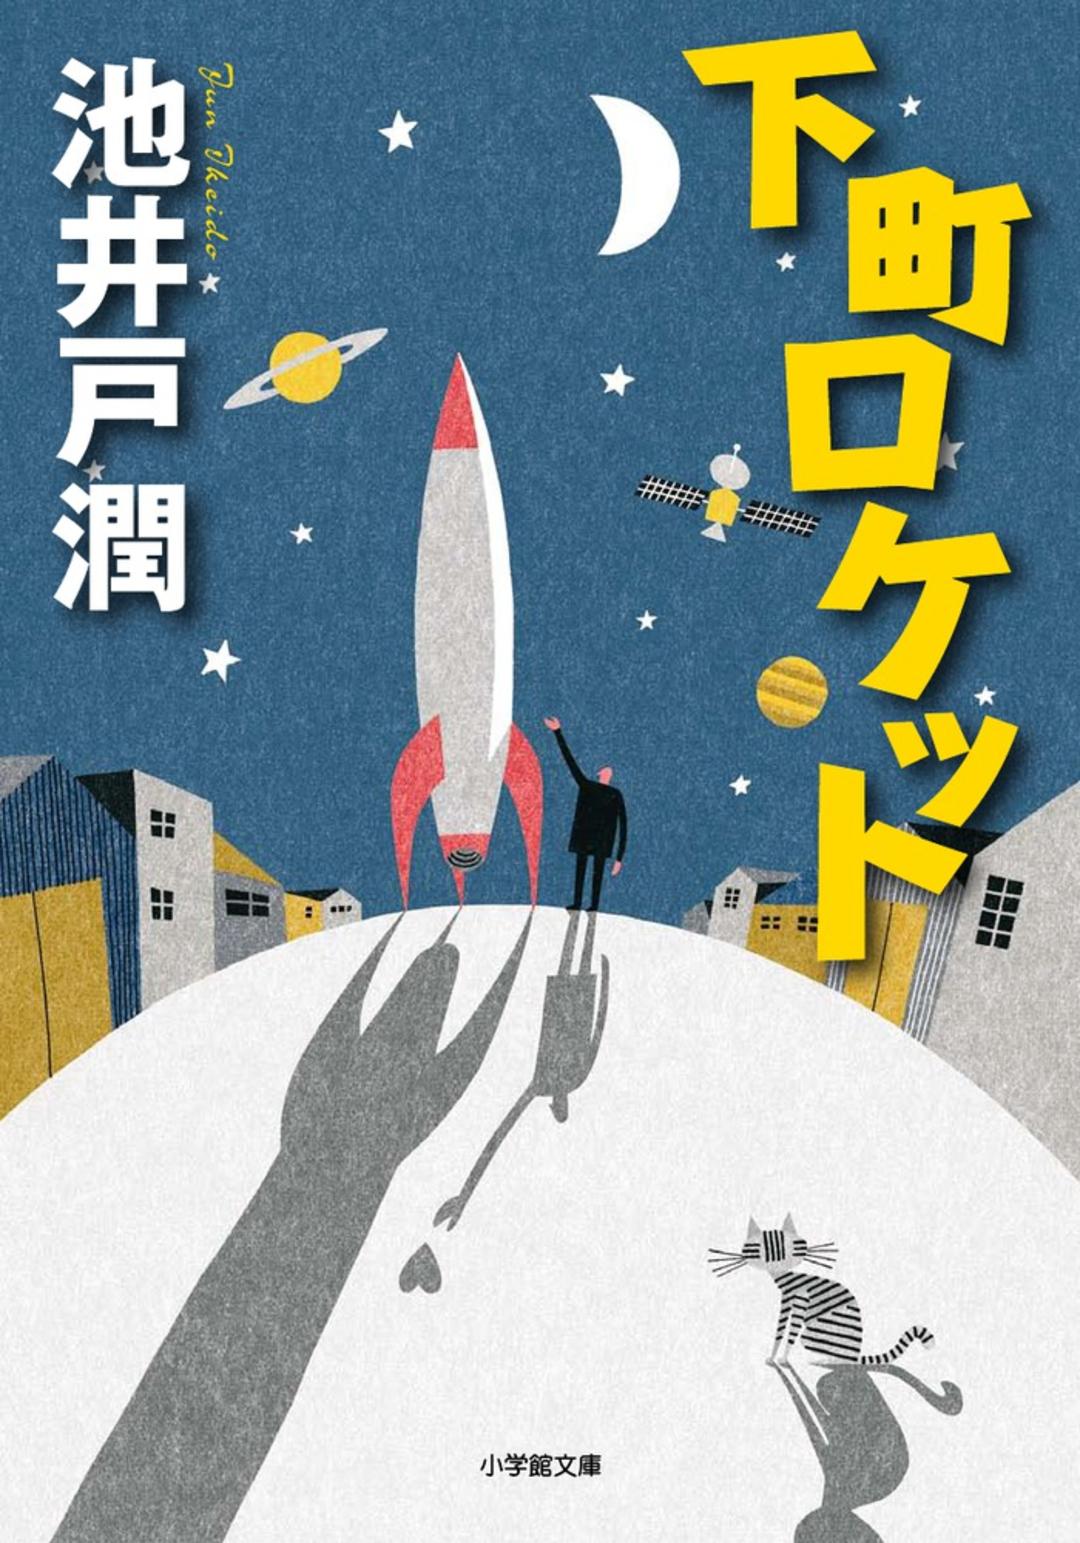 【平成23年上半期】1月2日にドラマ特別編も放送されるよ